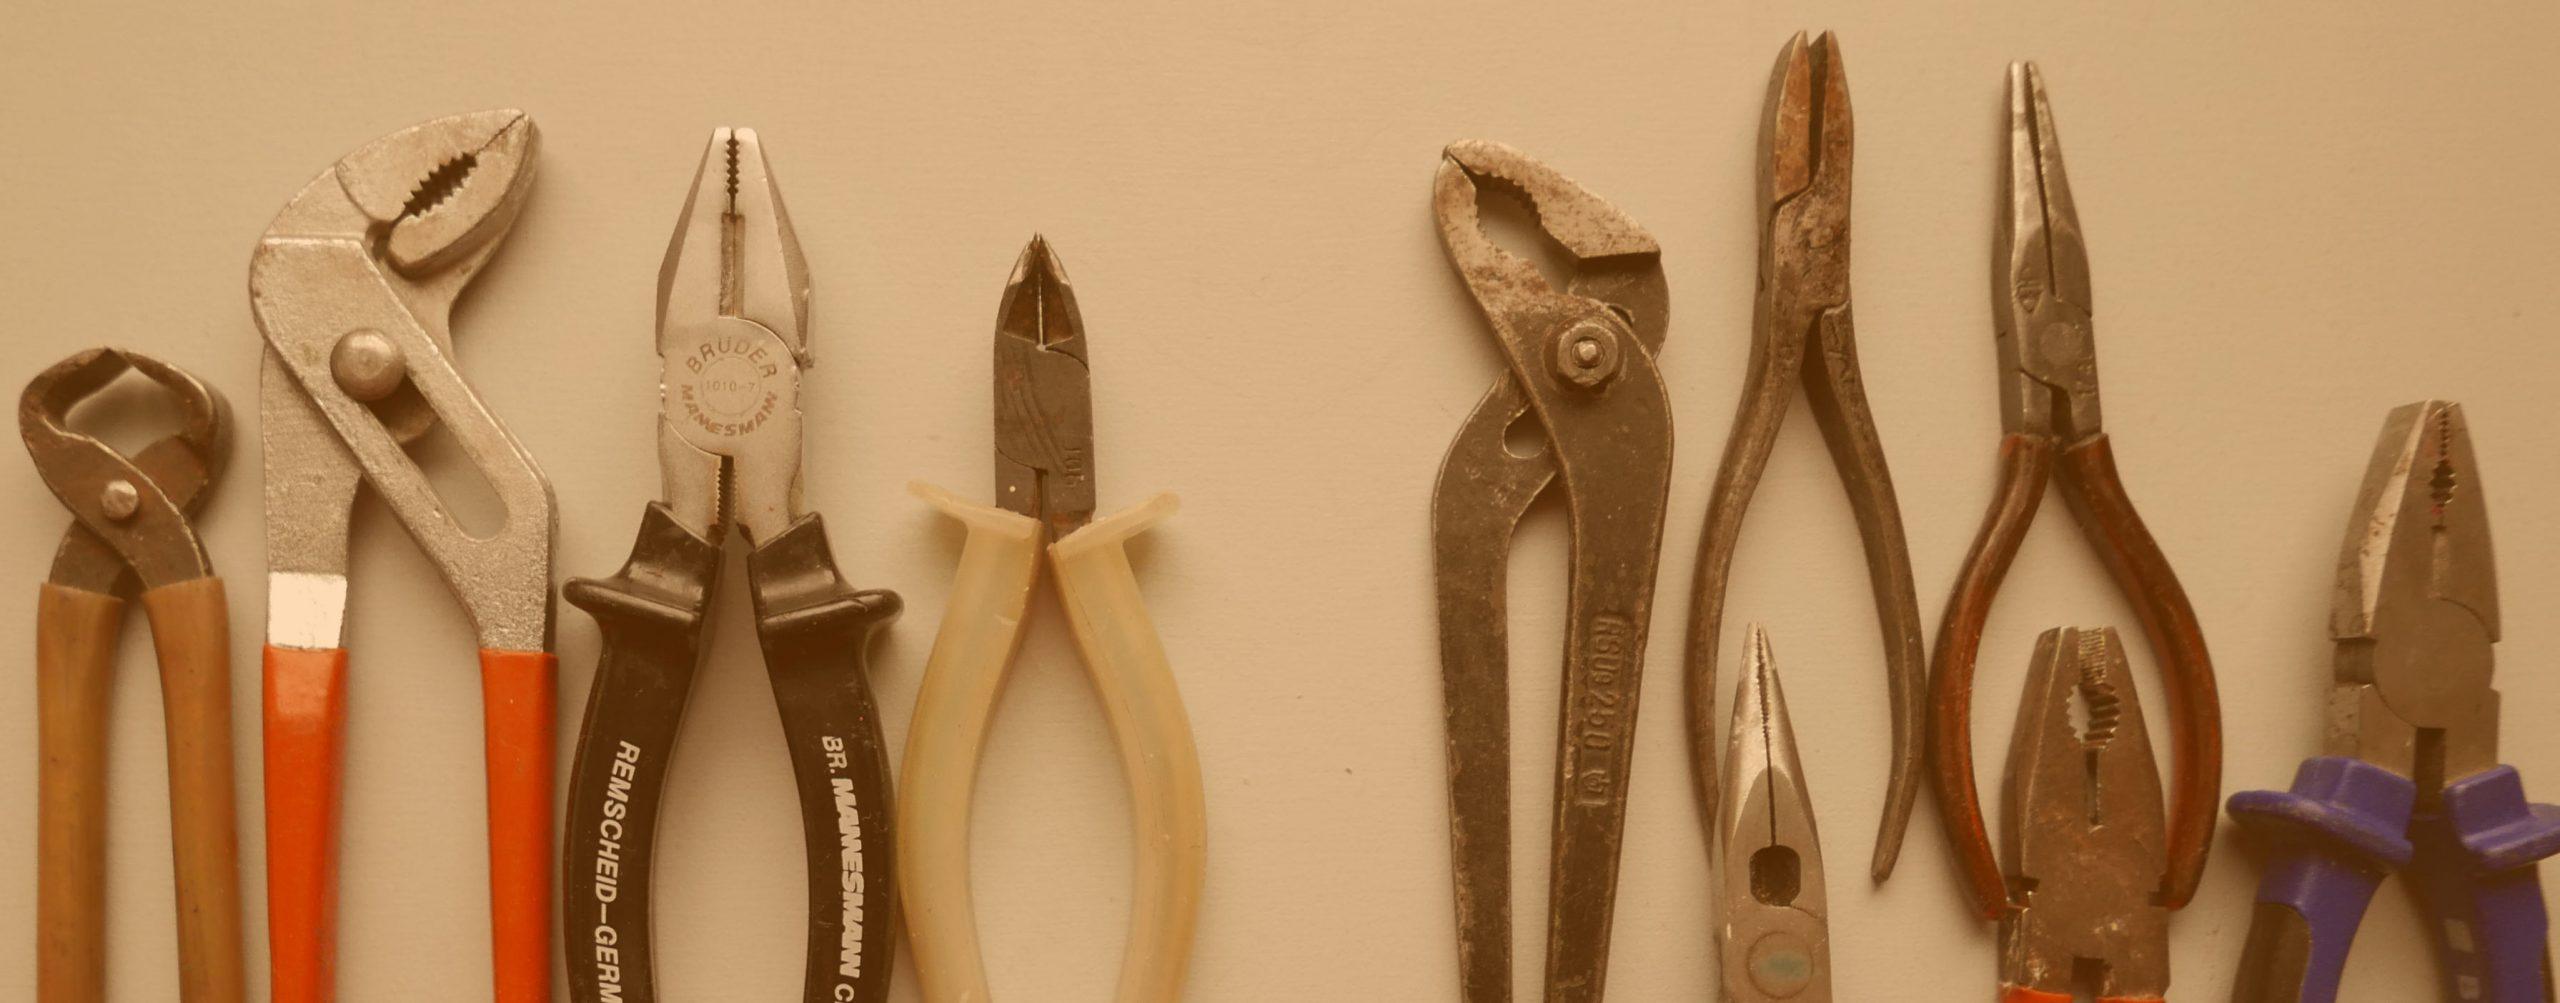 Sammlung von verschiedenen Zangen Werkzeug Reparieren Umbauen